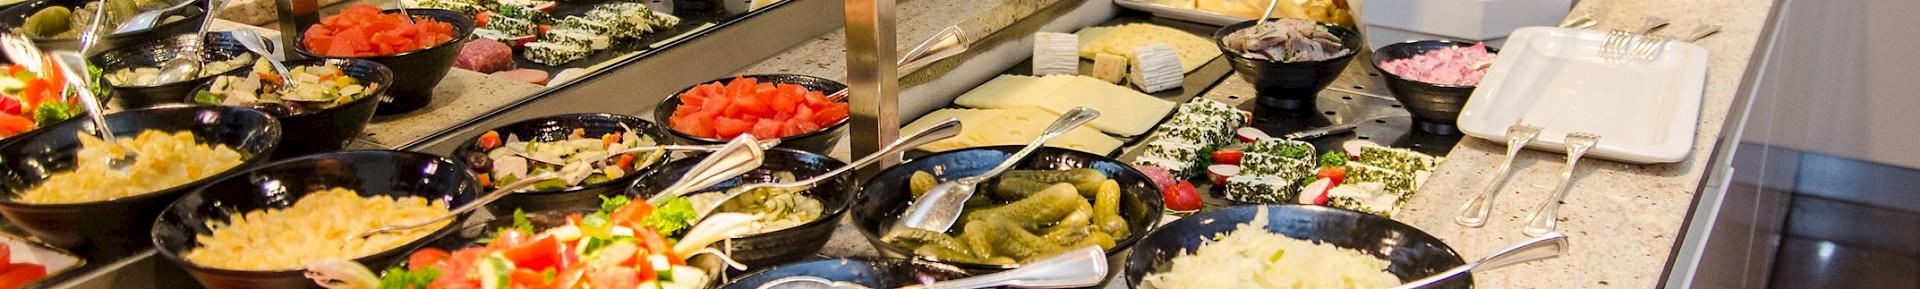 Vielseitiges, gesundes Frühstücksbuffet im Restaurant Gabriel's in Münster (Innenstadt)